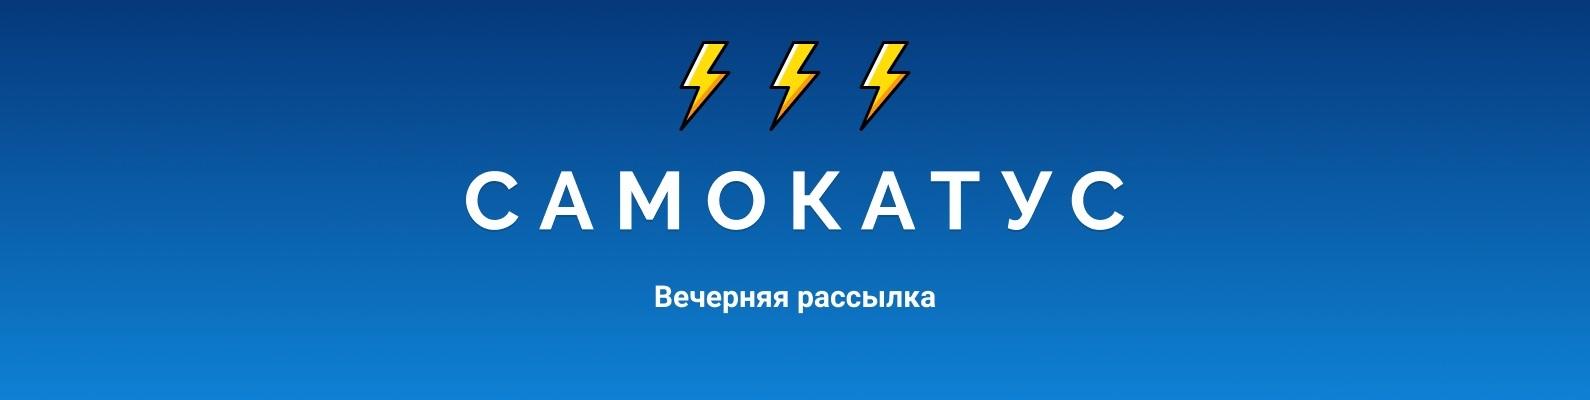 https://samokatus.ru/2019/11/daily-546/